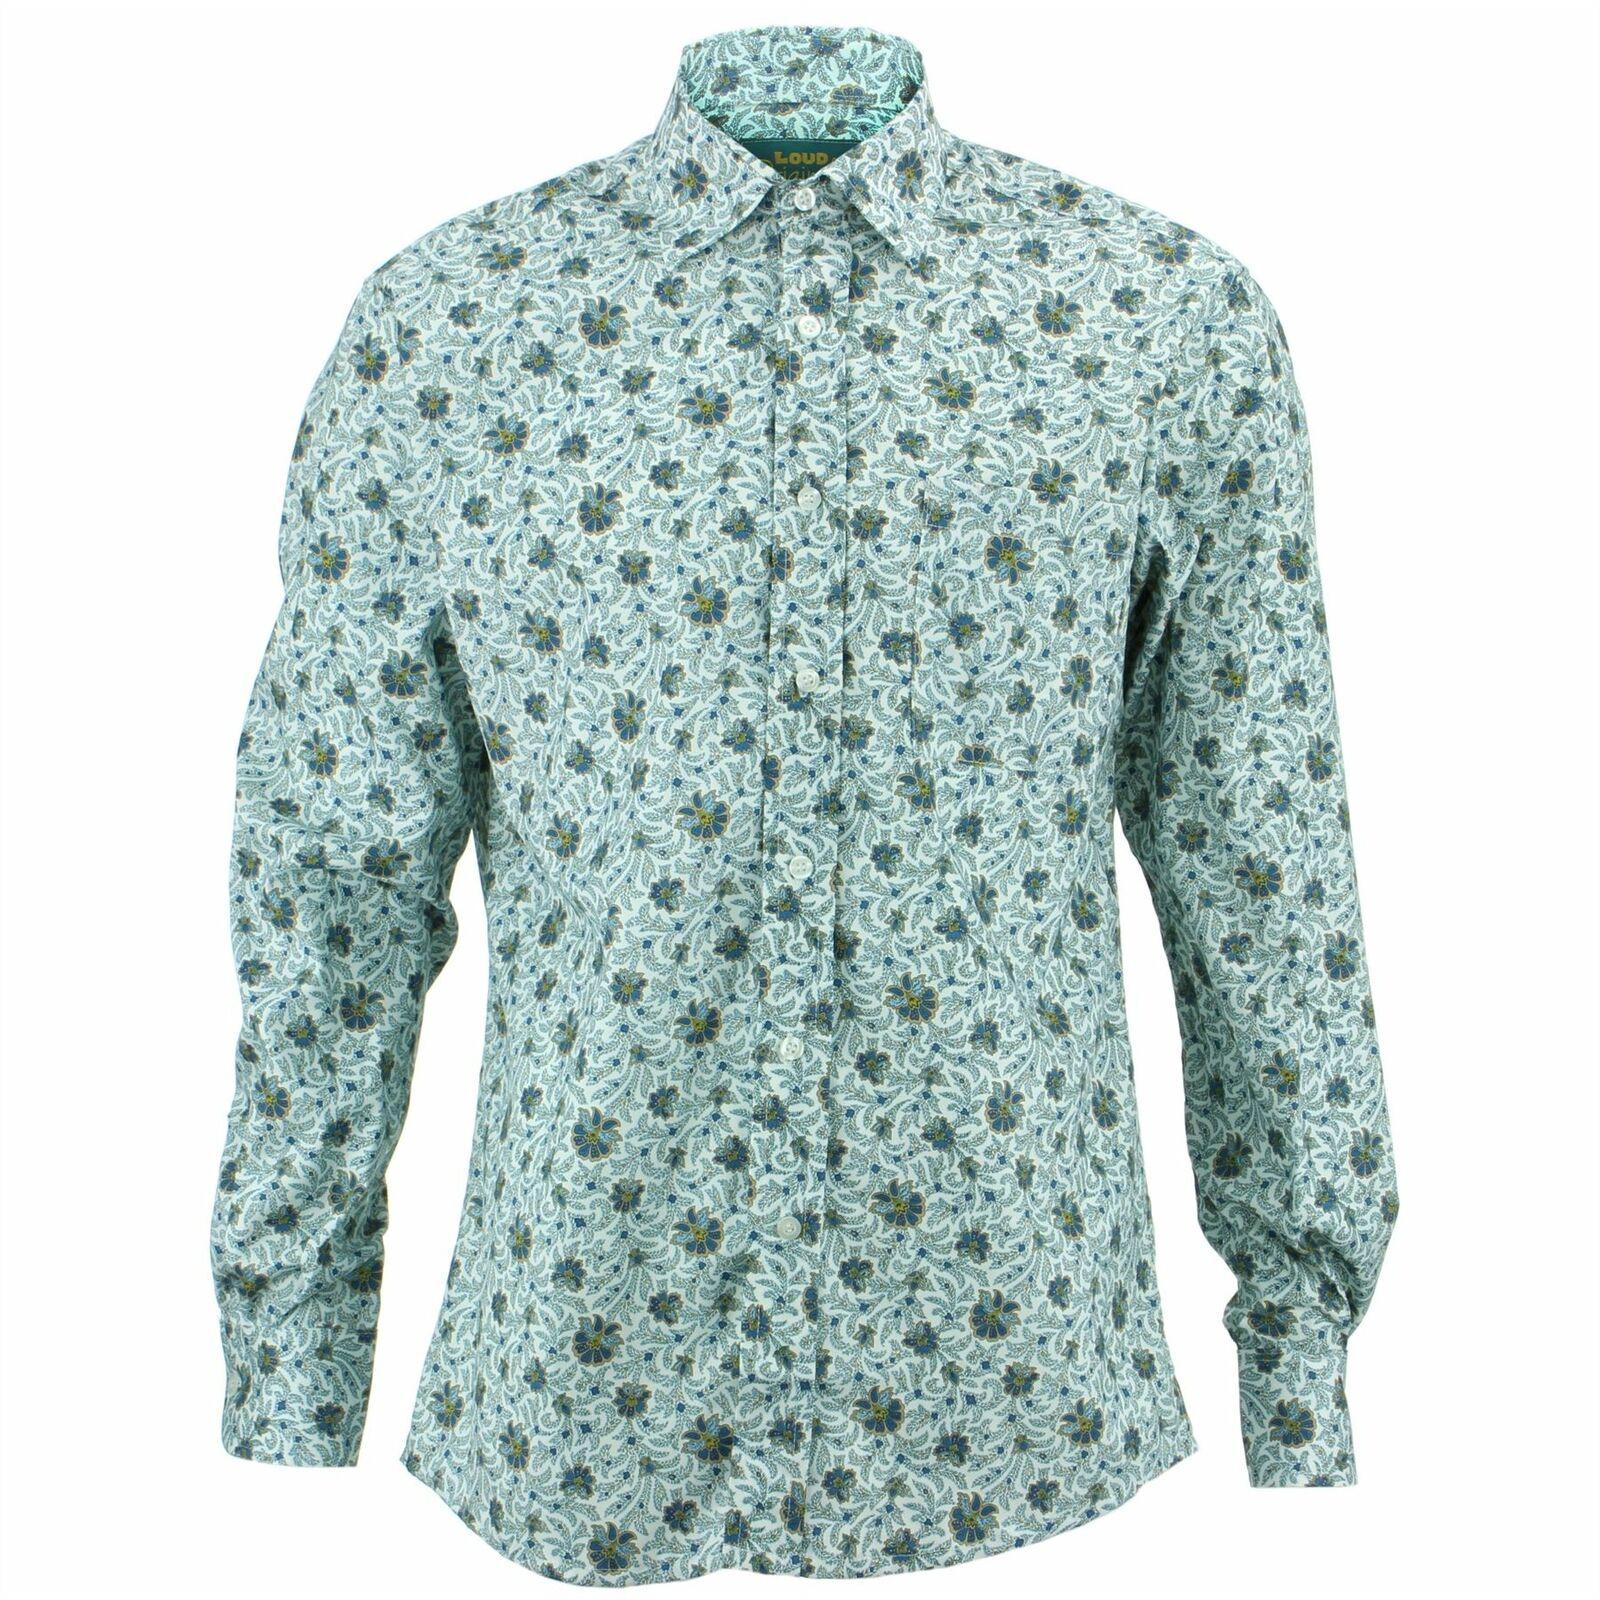 ... Camicia da uomo forte Originali Regular fit Retro FLOREALE BIANCA Retro  fit Psichedelico Costume c26fb3 a0bbdab5836